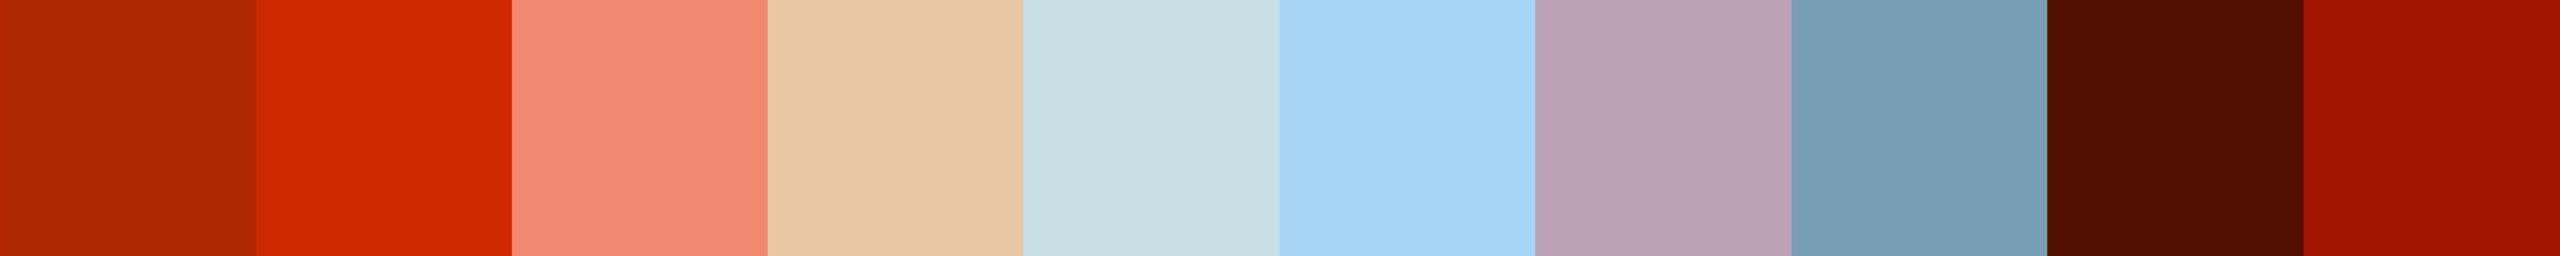 182 Fijicopia Color Palette